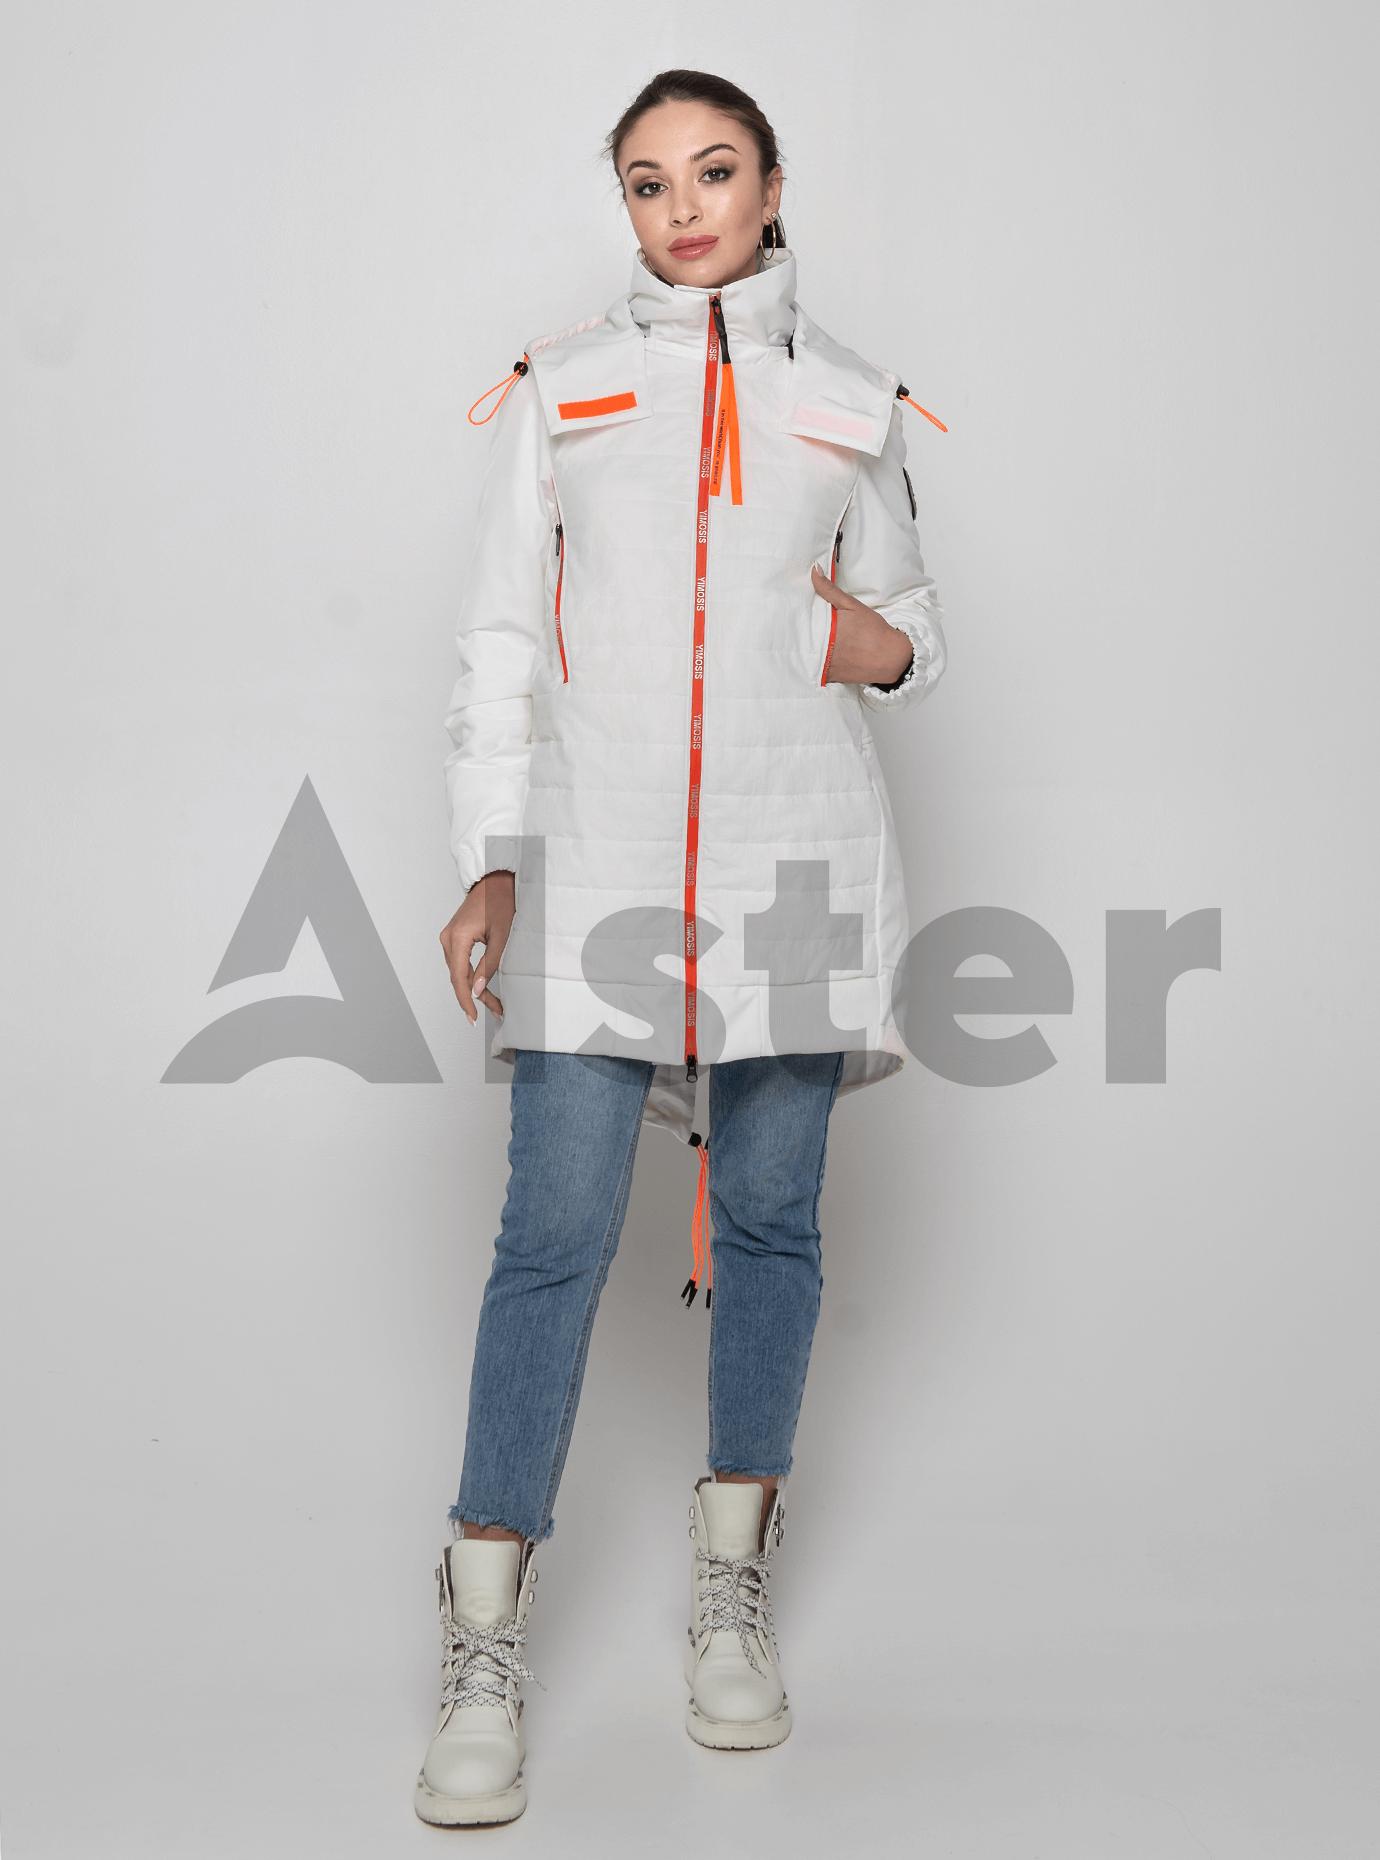 Куртка демисезонная средней длины Белый S (02-Y191008): фото - Alster.ua